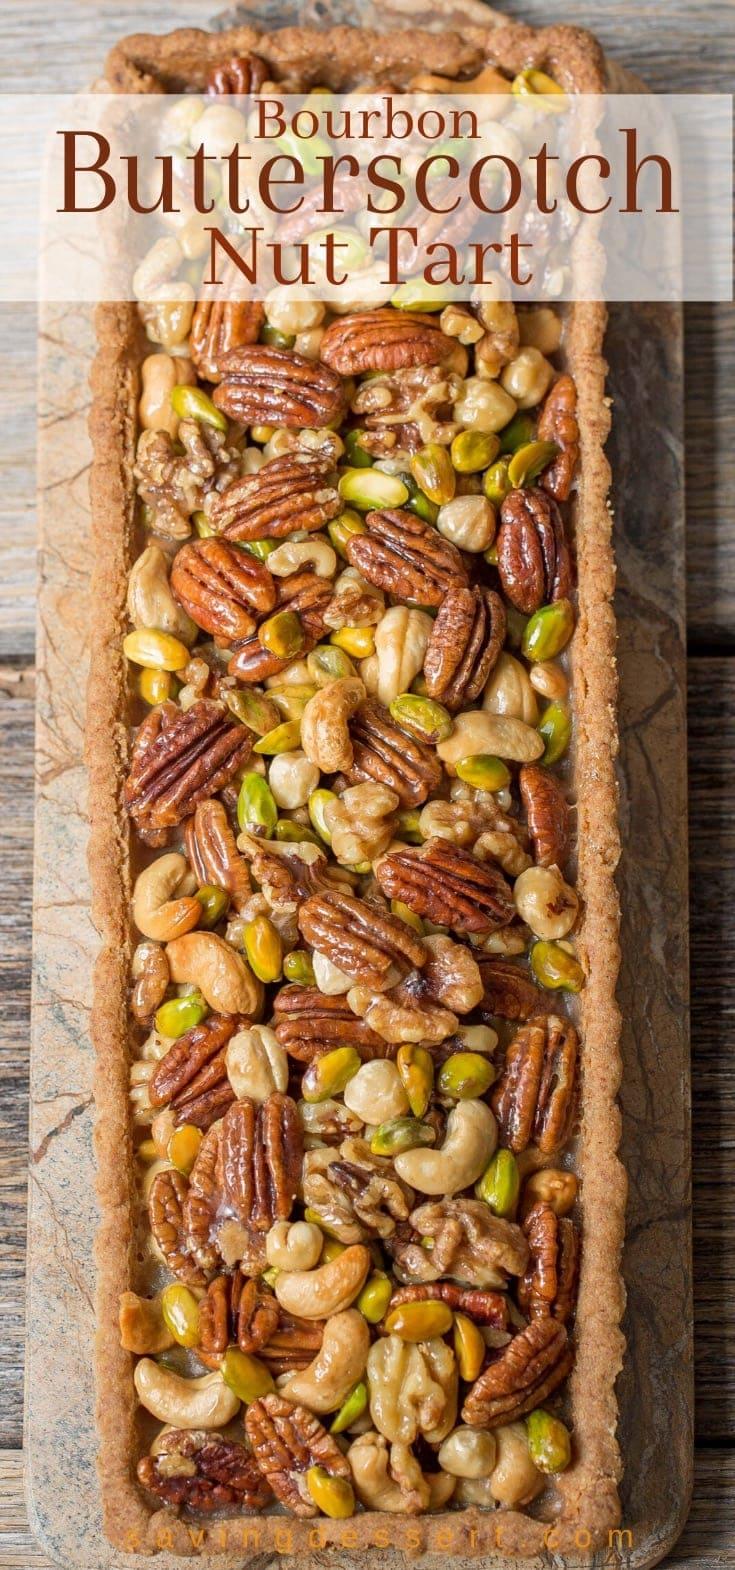 An overhead view of a bourbon butterscotch nut tart